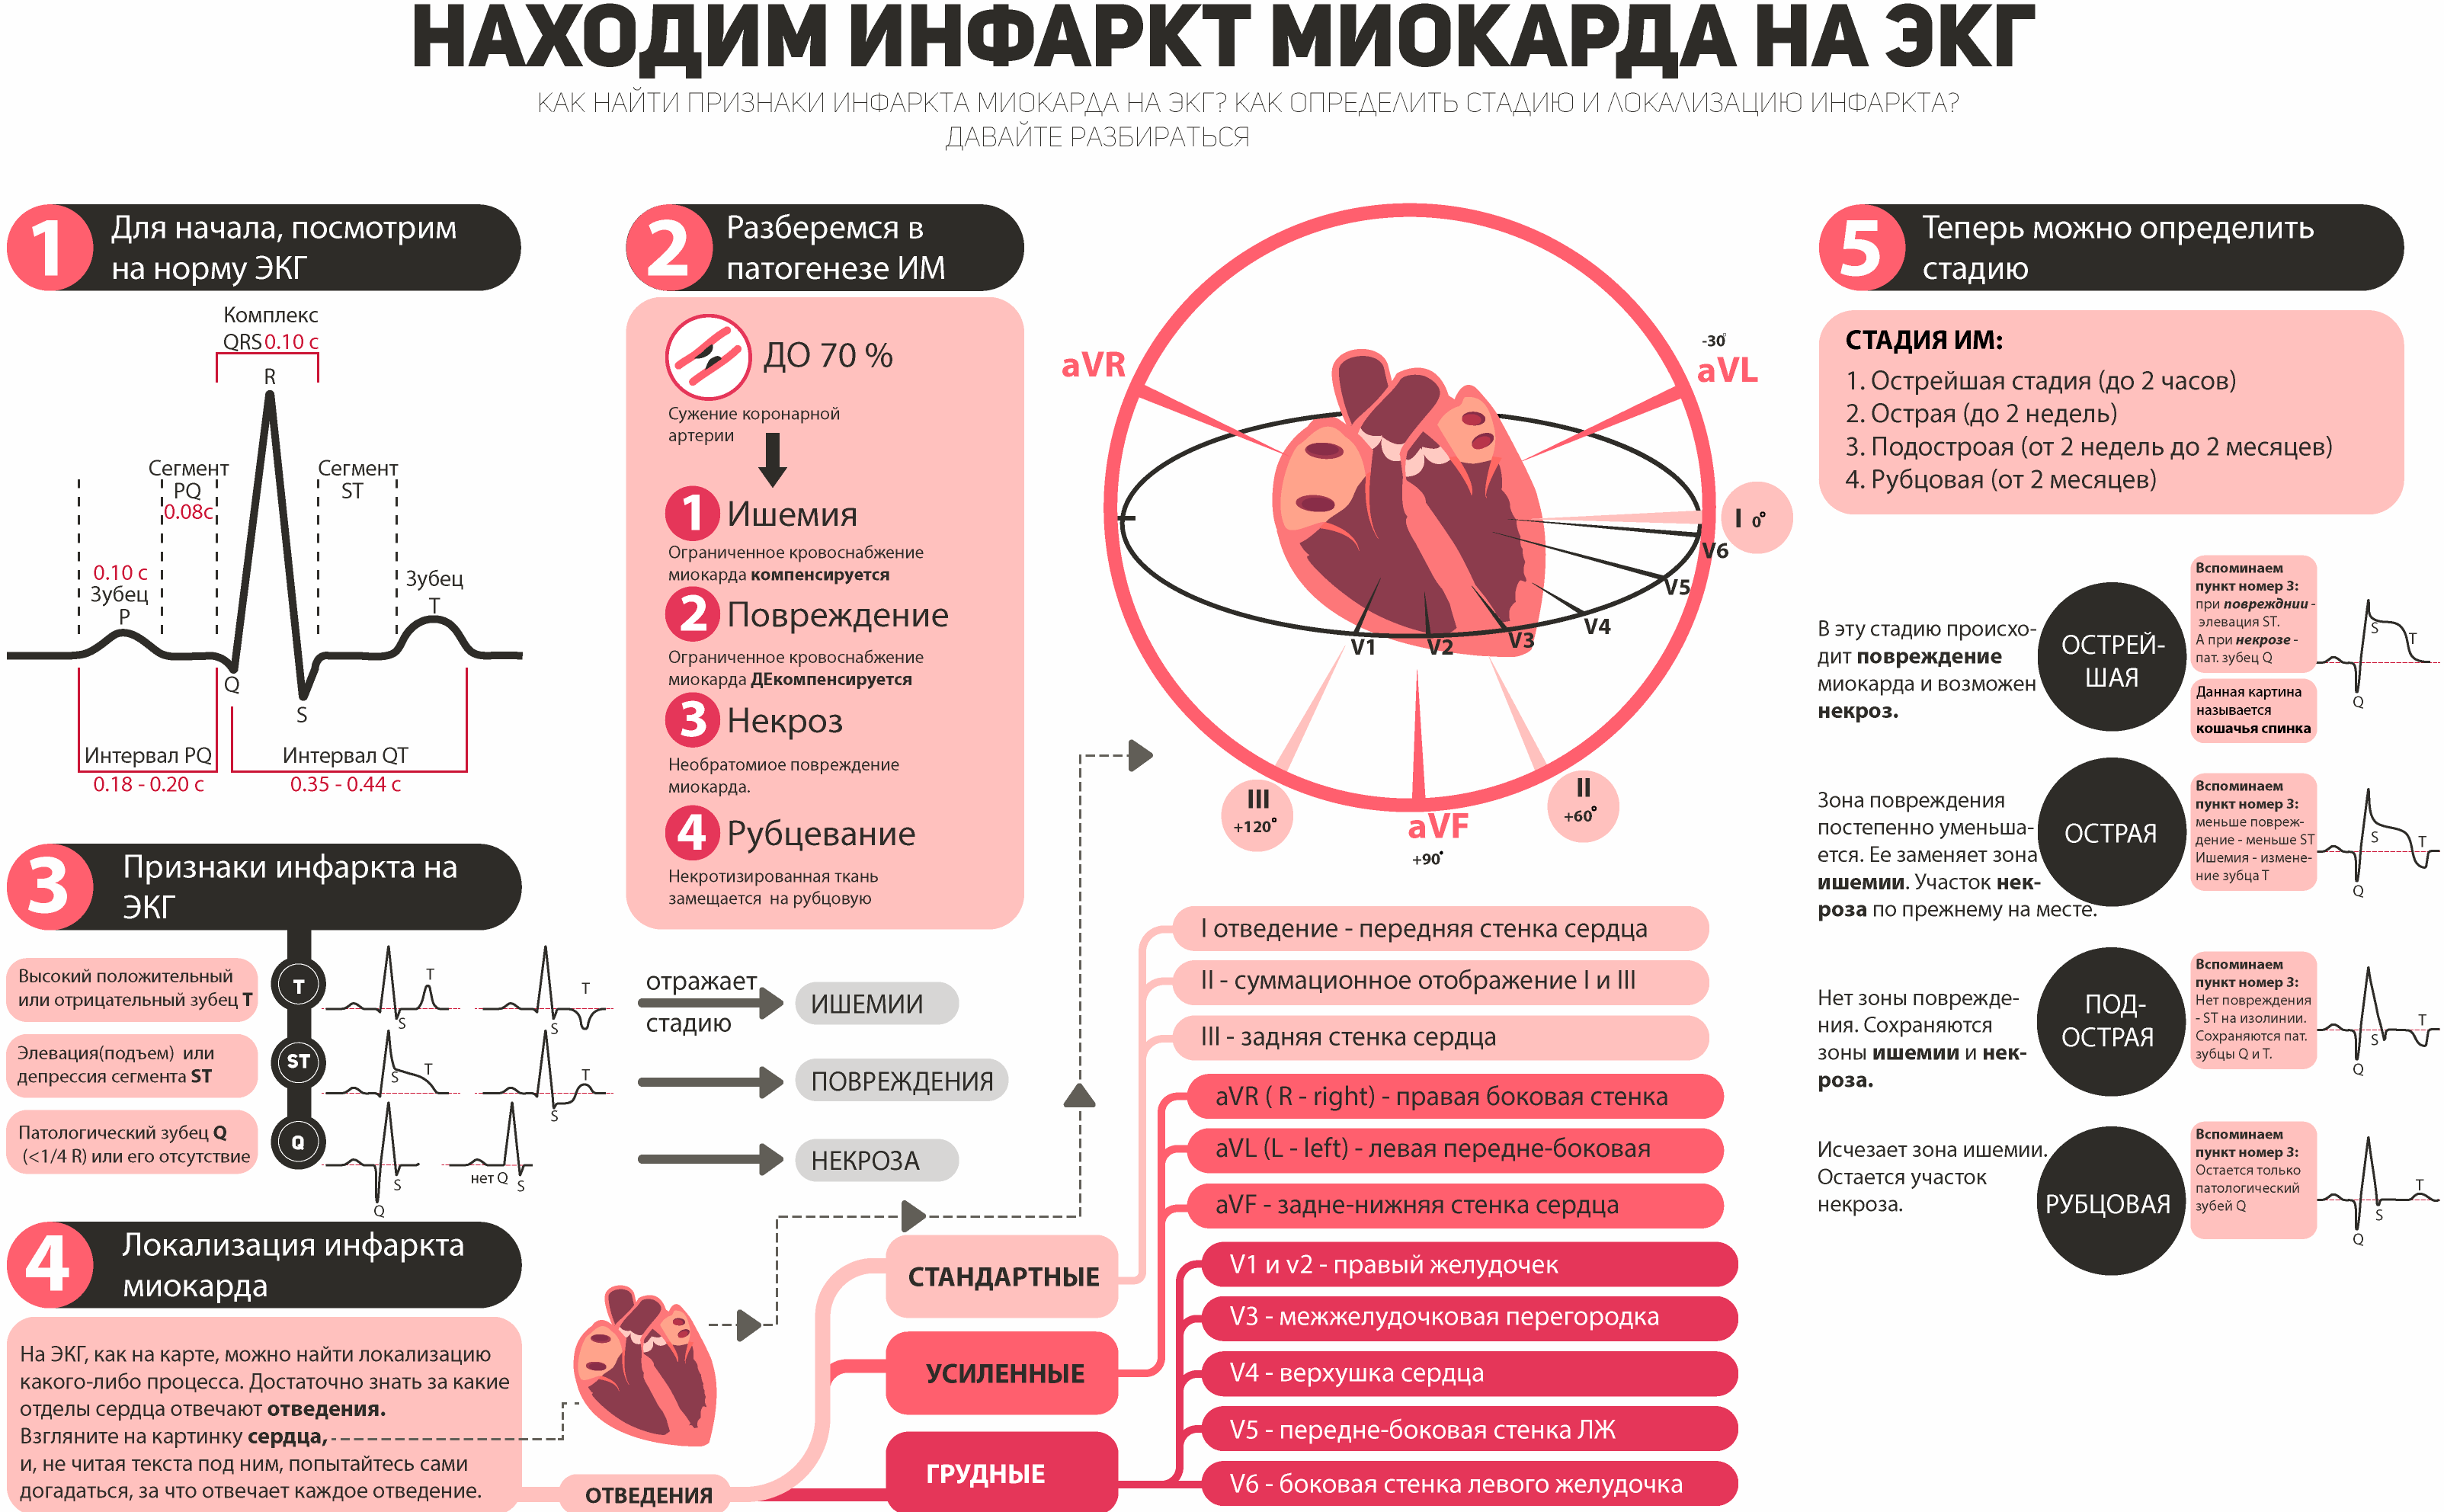 Важно помнить, что диагностика инфаркта миокарда не должна основываться только лишь на изменениях ЭКГ